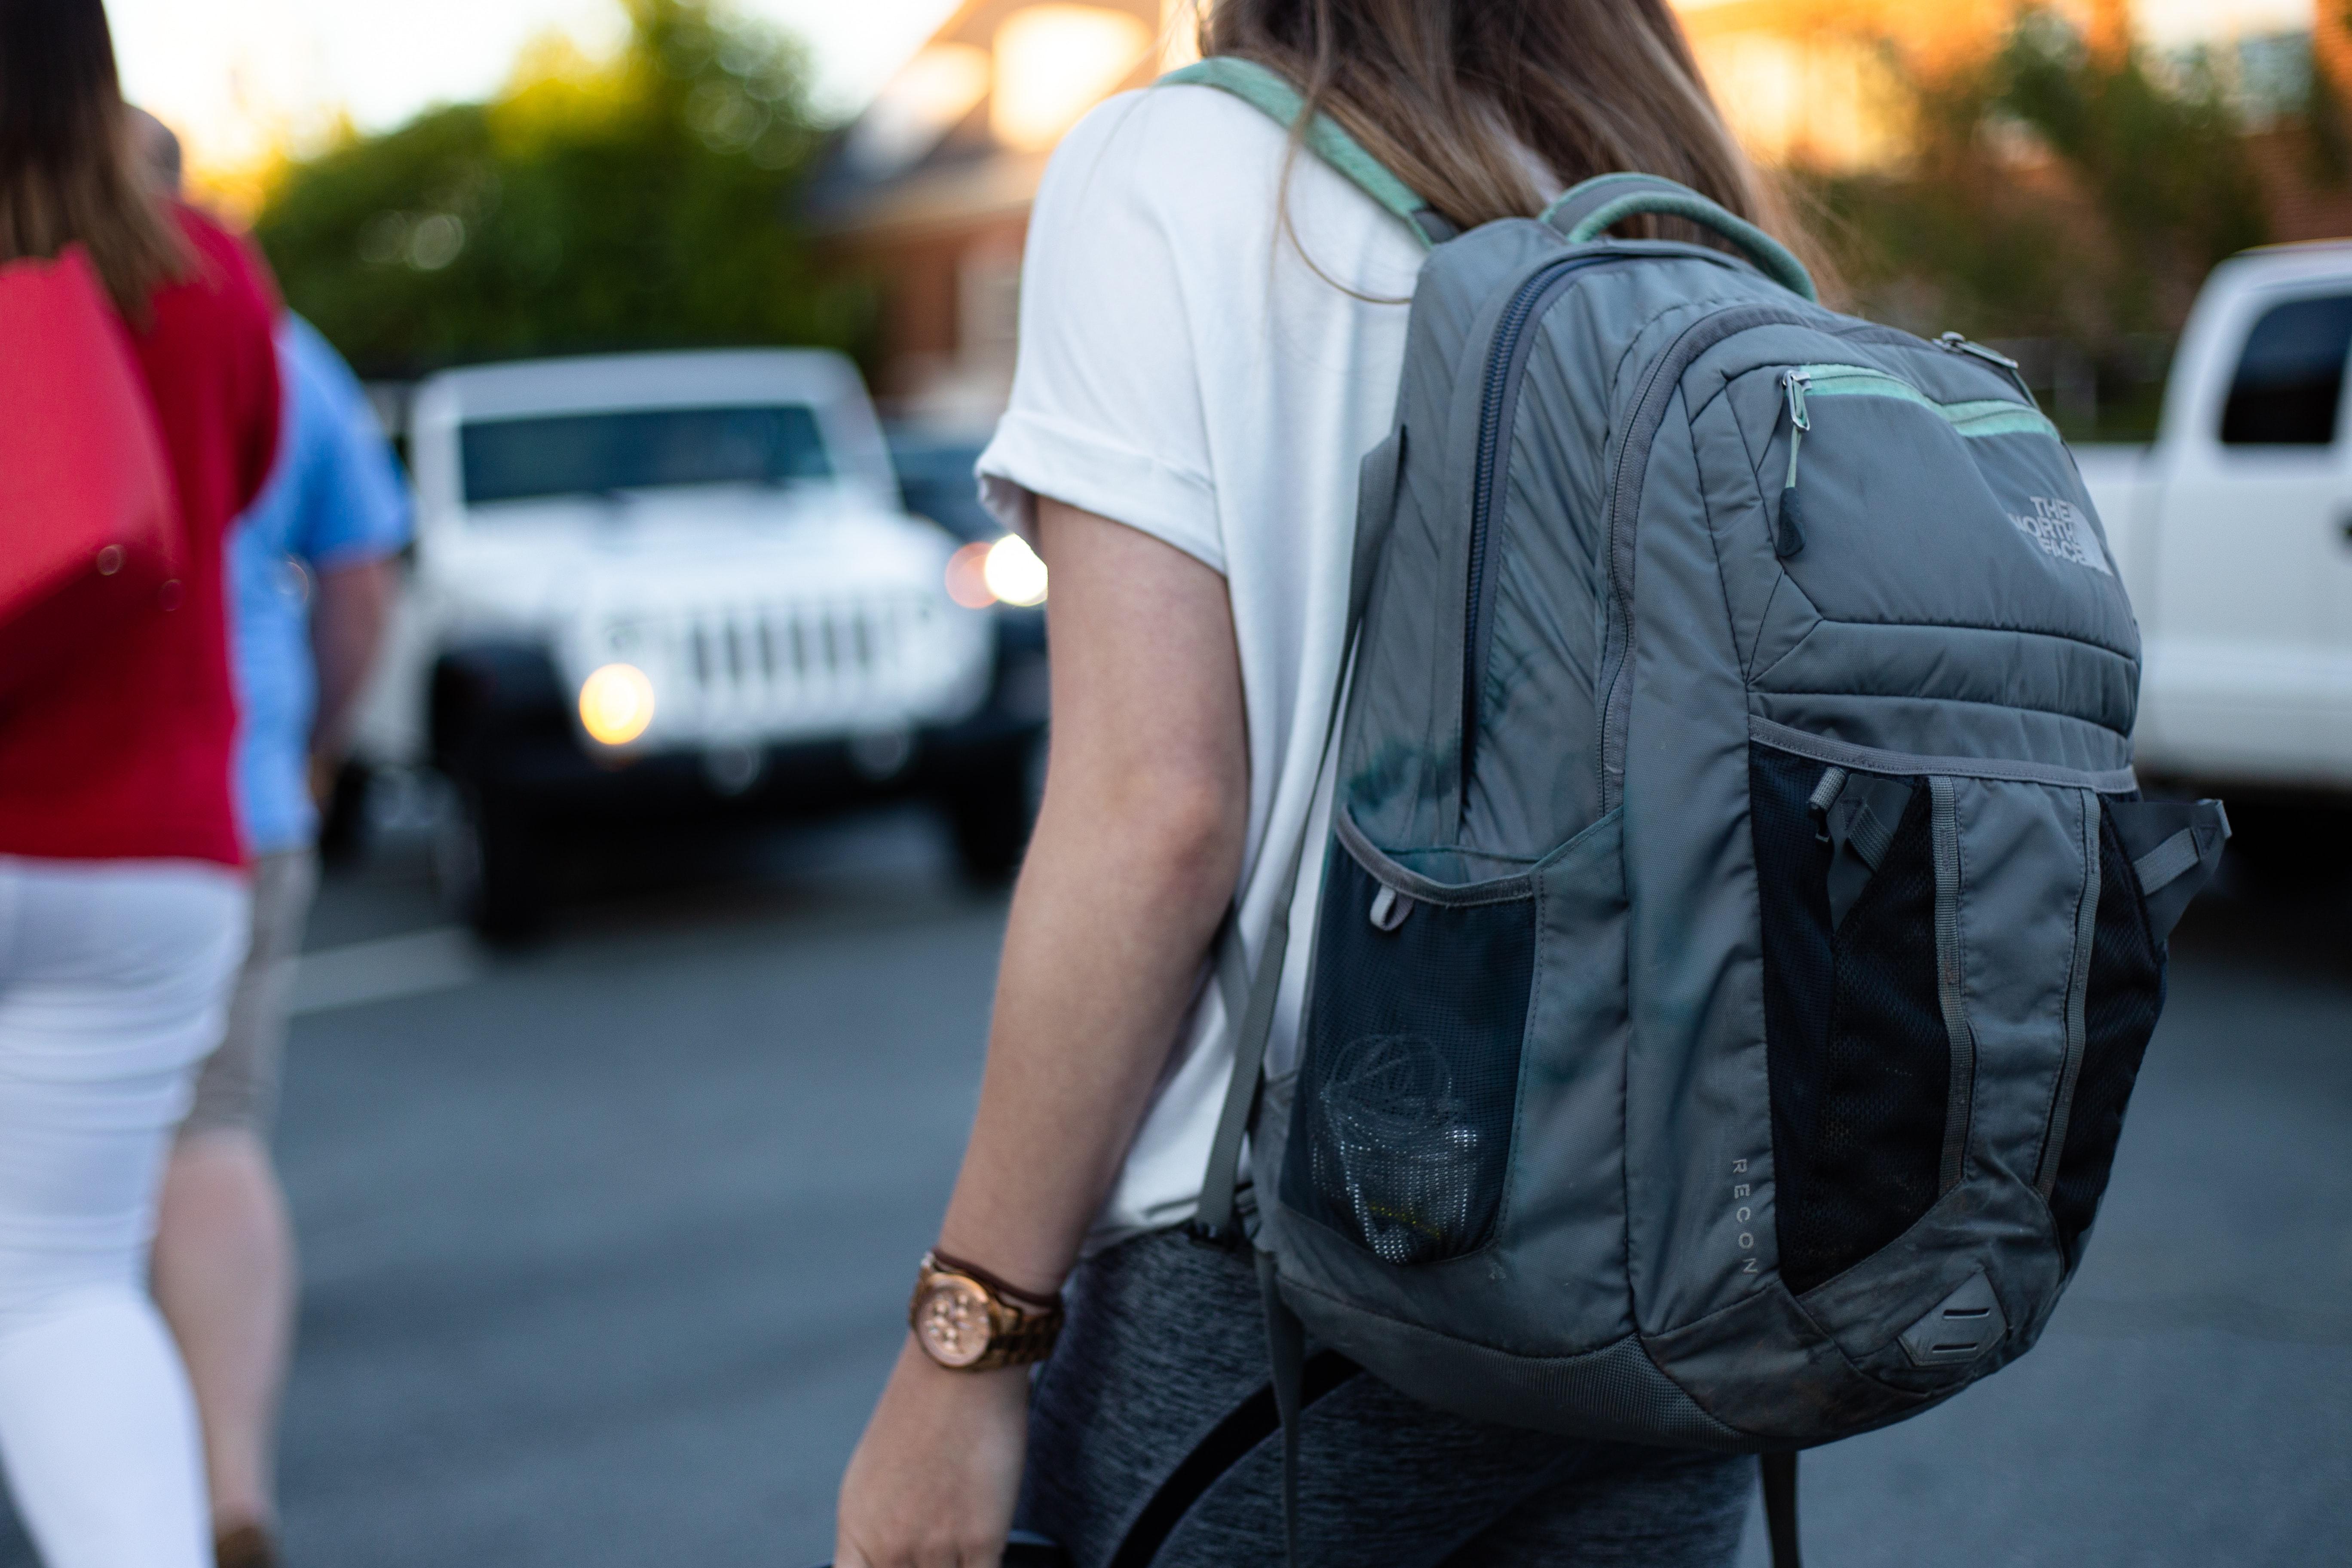 omar roque z5ncx9p6AvM unsplash - Rygsække og skoletasker med god plads